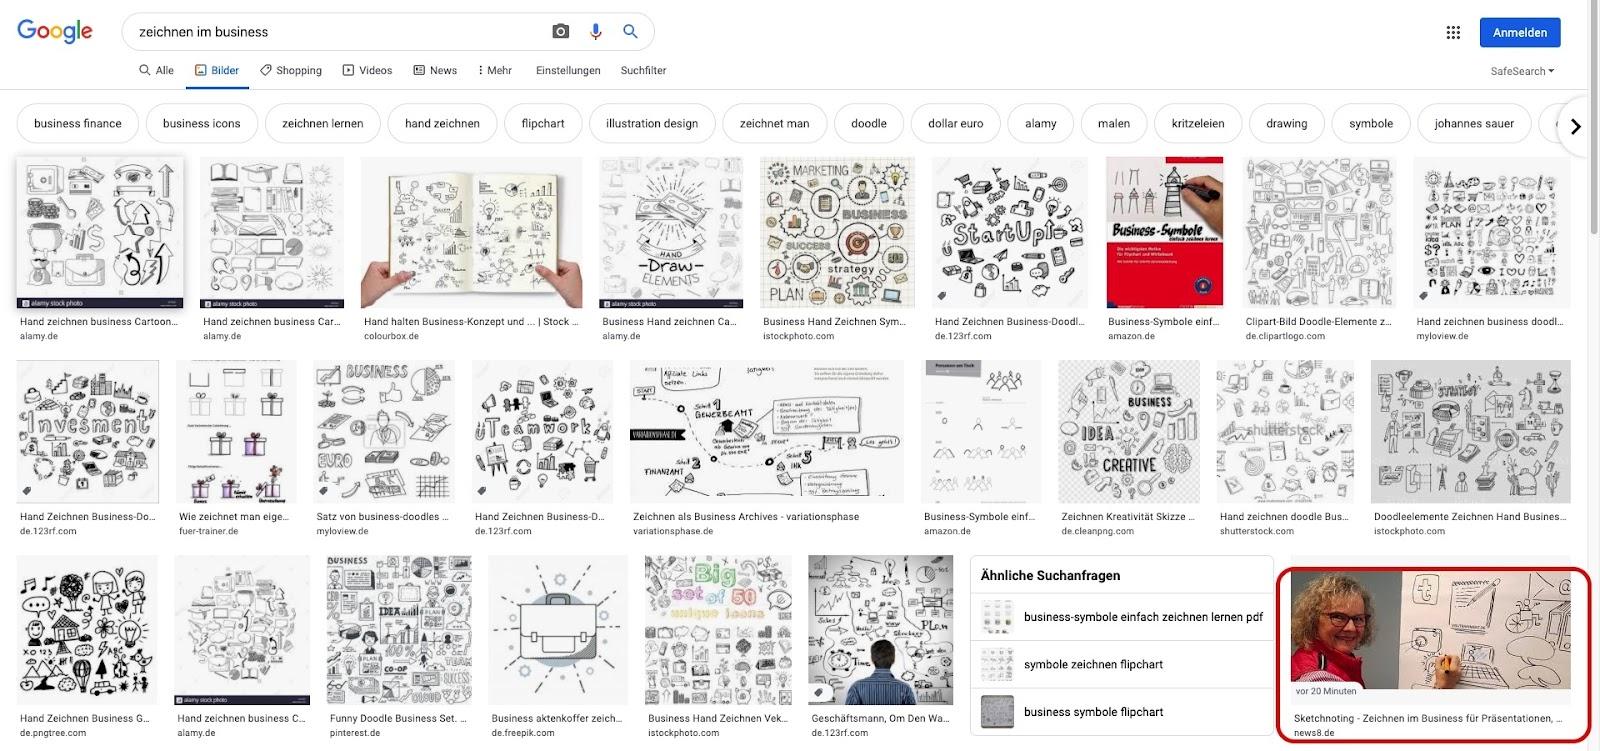 """Google Bildersuche zum Keyword """"Zeichnen im Business"""""""